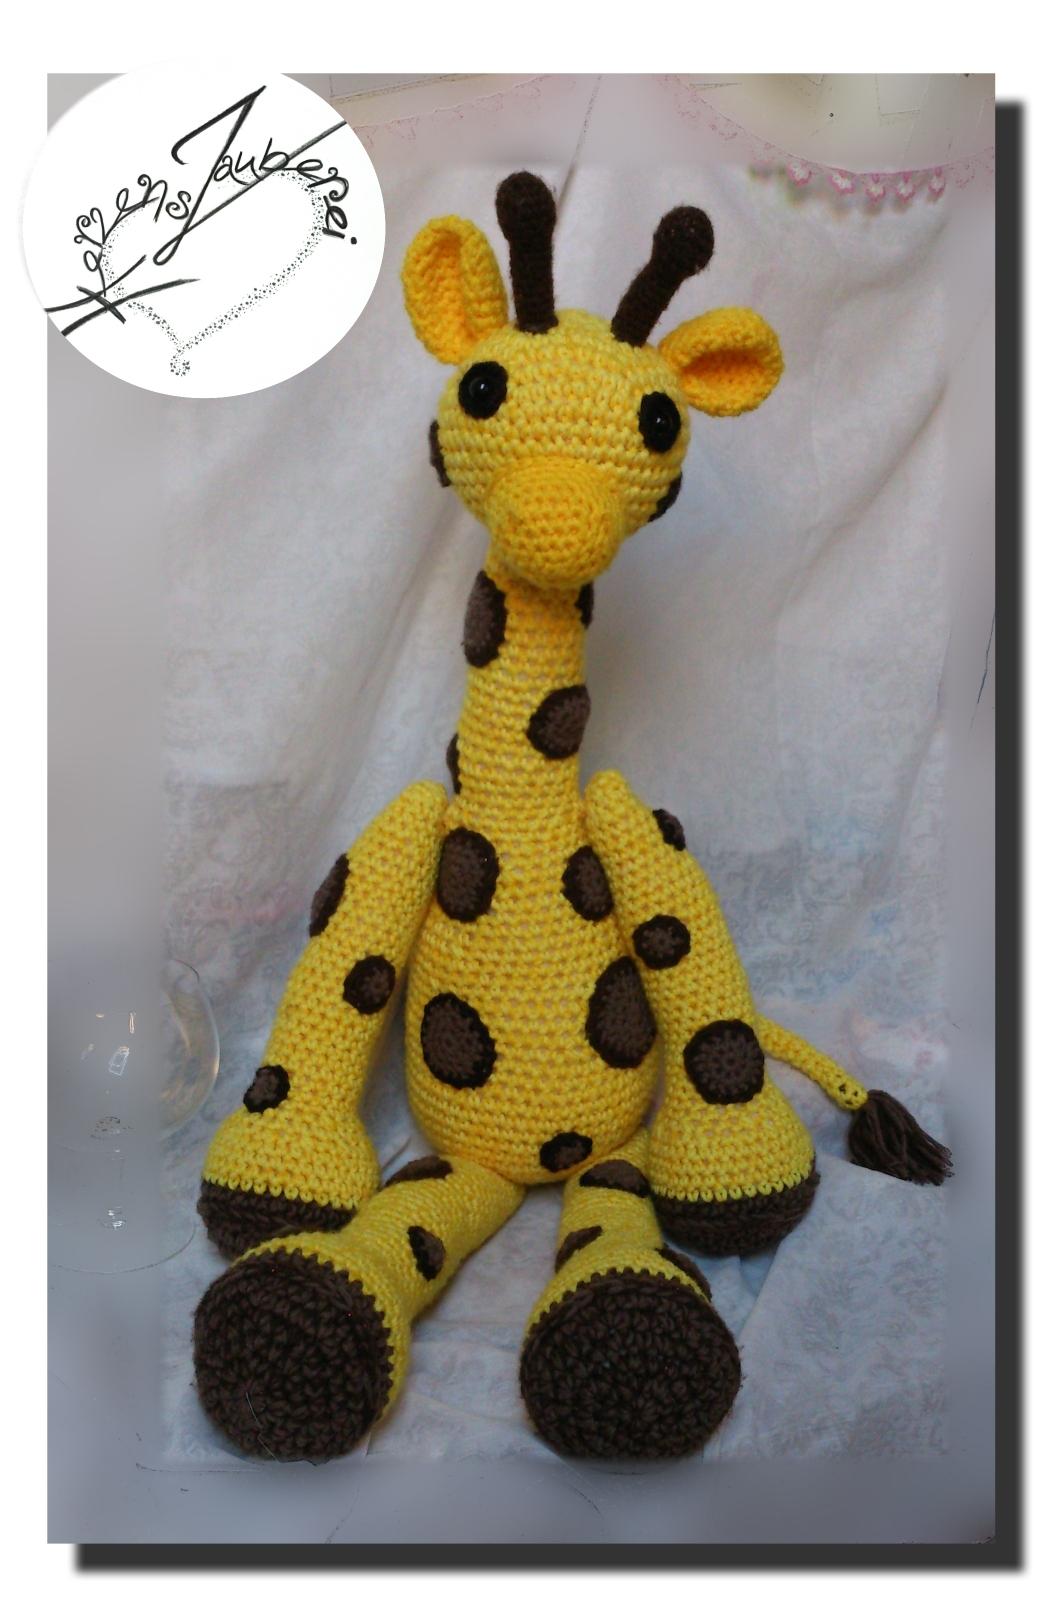 Giraffe sitzend ca 55cm gross. Preis auf Anfrage